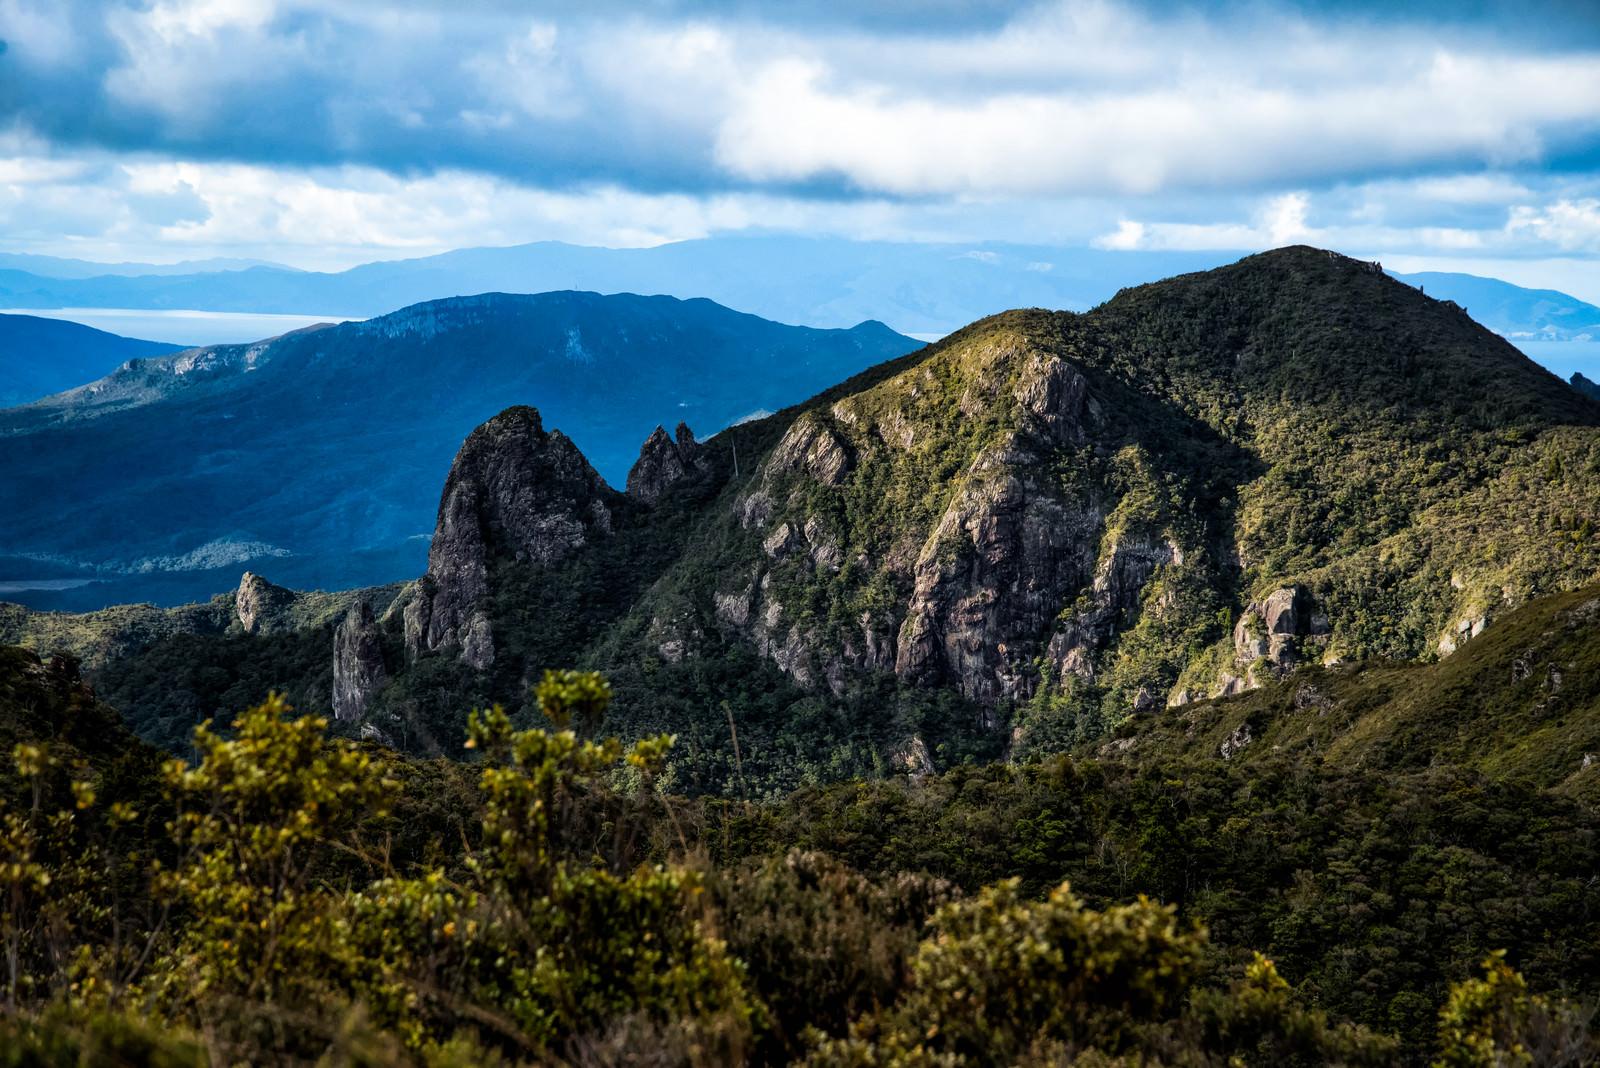 「ウィンディキャニオンの剥き出しの岩壁(ニュージーランド)」の写真